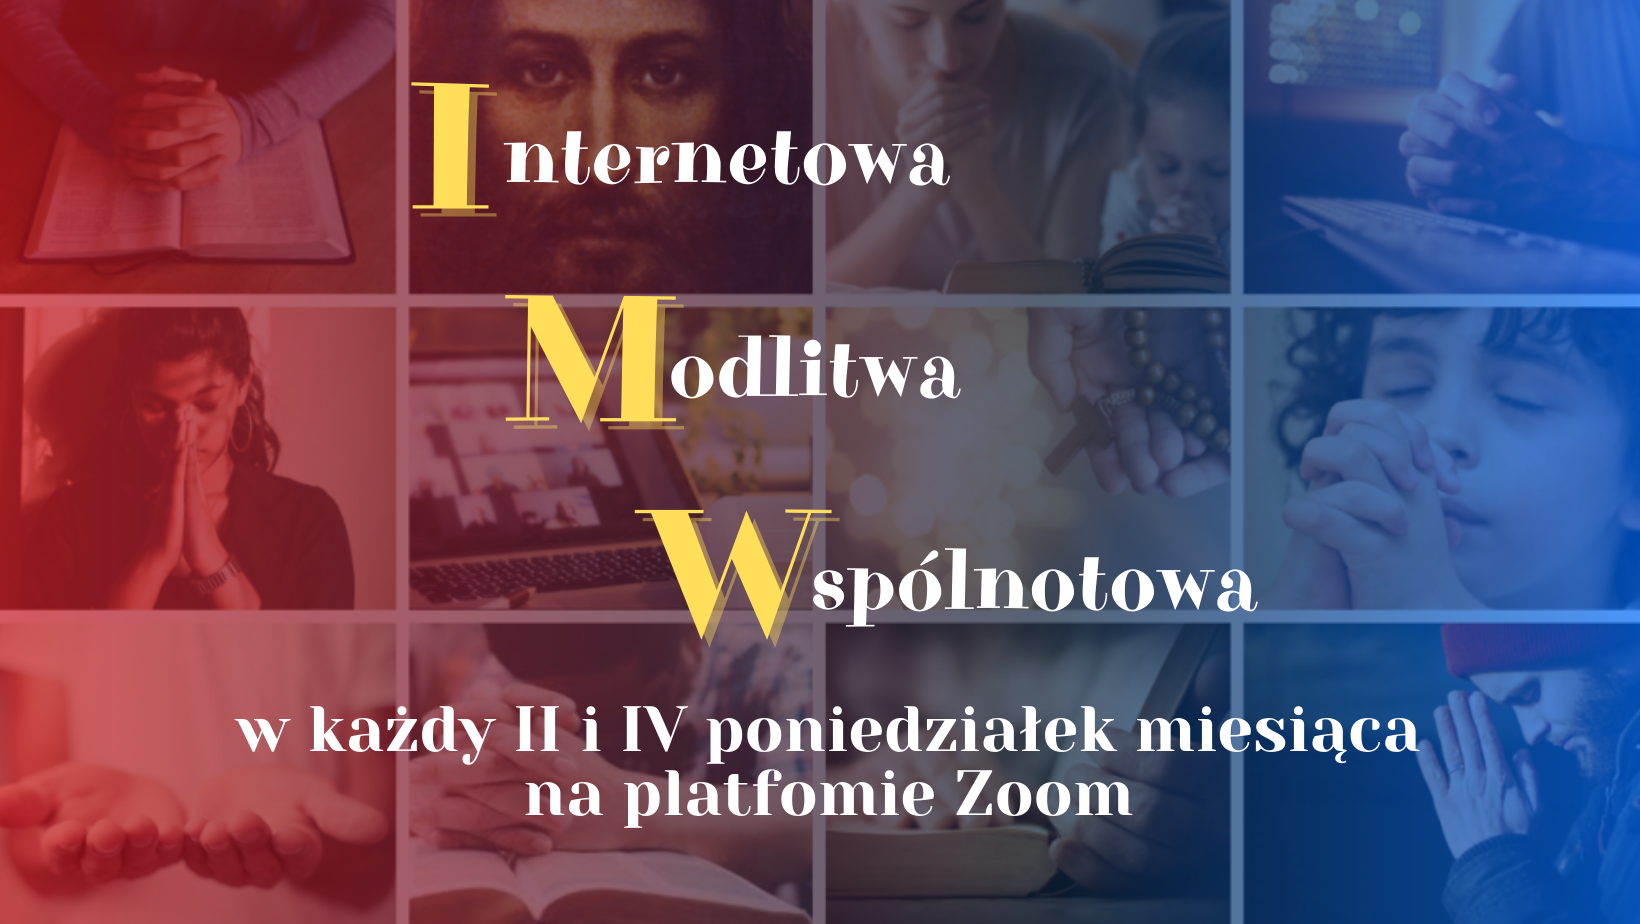 IMW – Internetowa Modlitwa Wspólnotowa